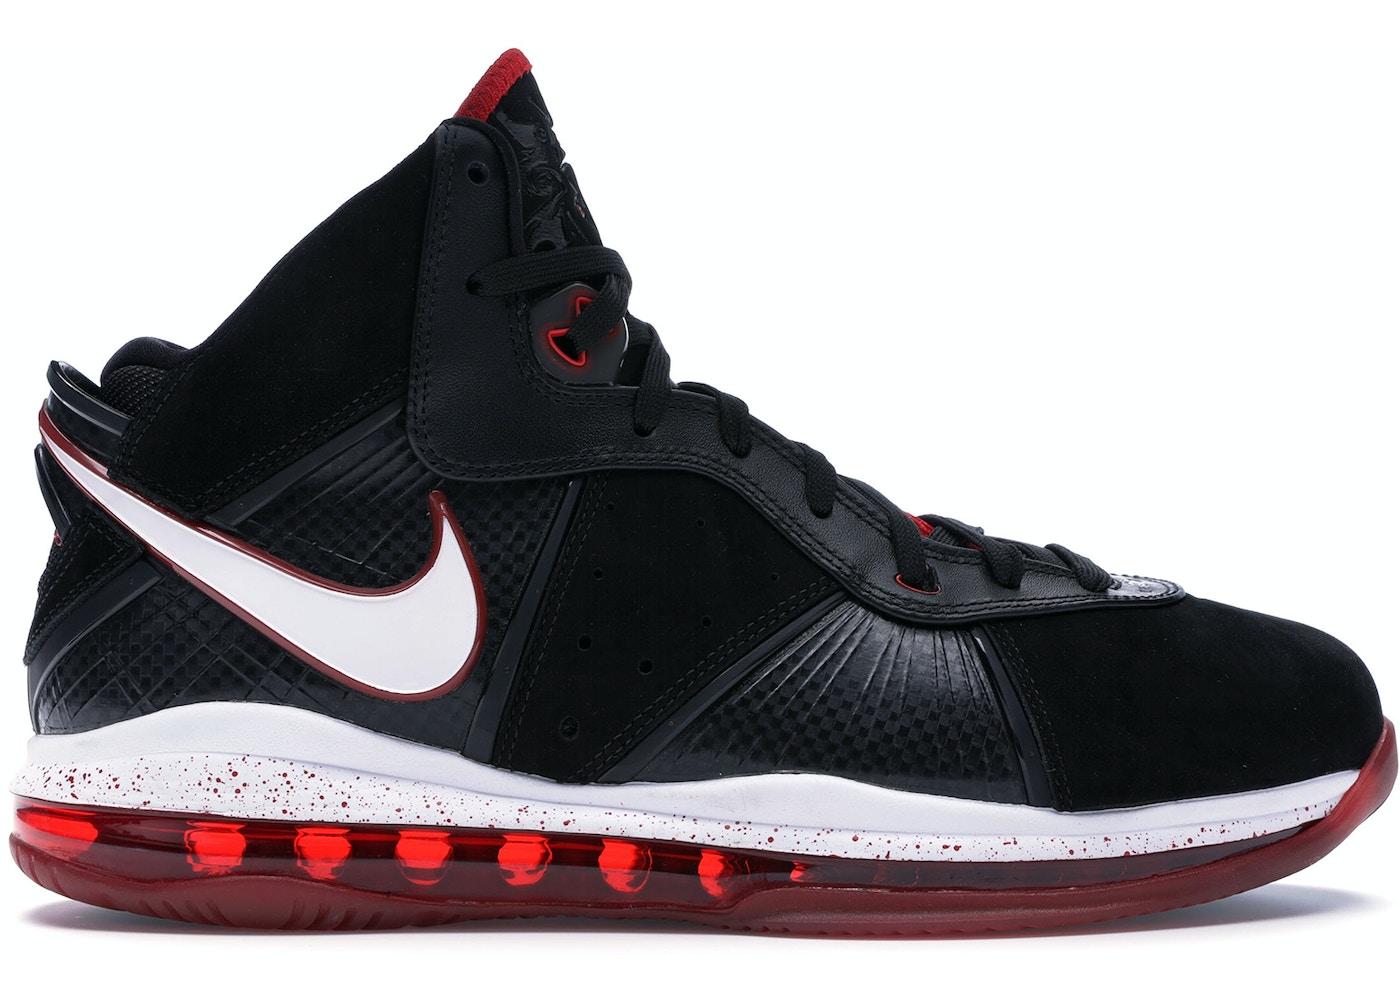 95fe6b90d3f8 Buy Nike LeBron 8 Shoes   Deadstock Sneakers